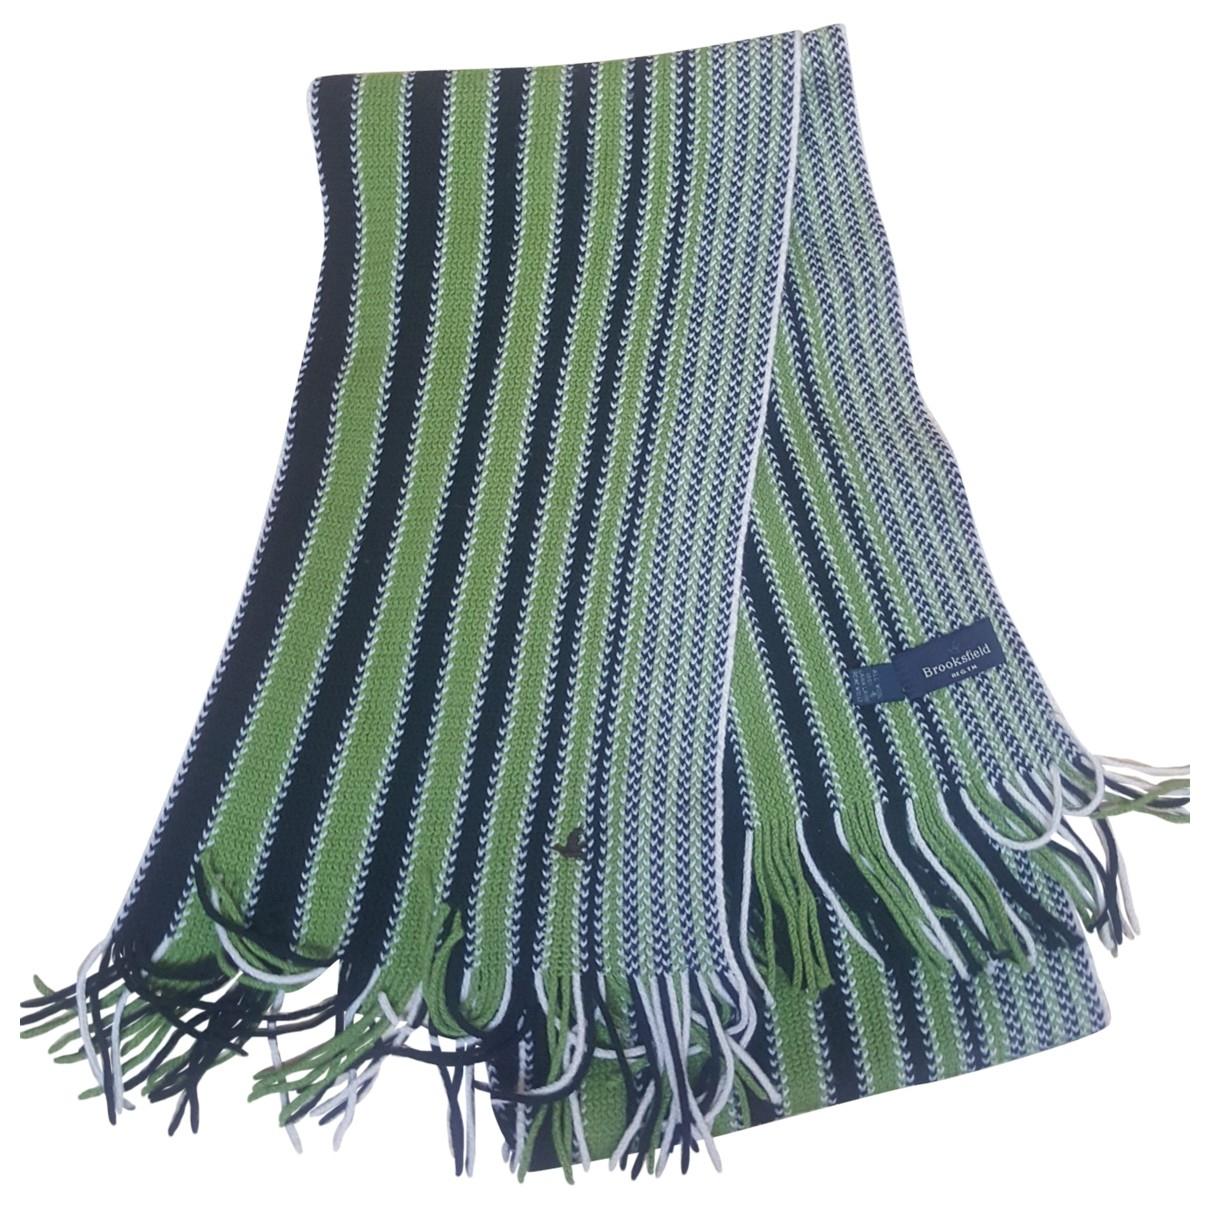 Brooksfield \N Tuecher, Schal in  Gruen Wolle